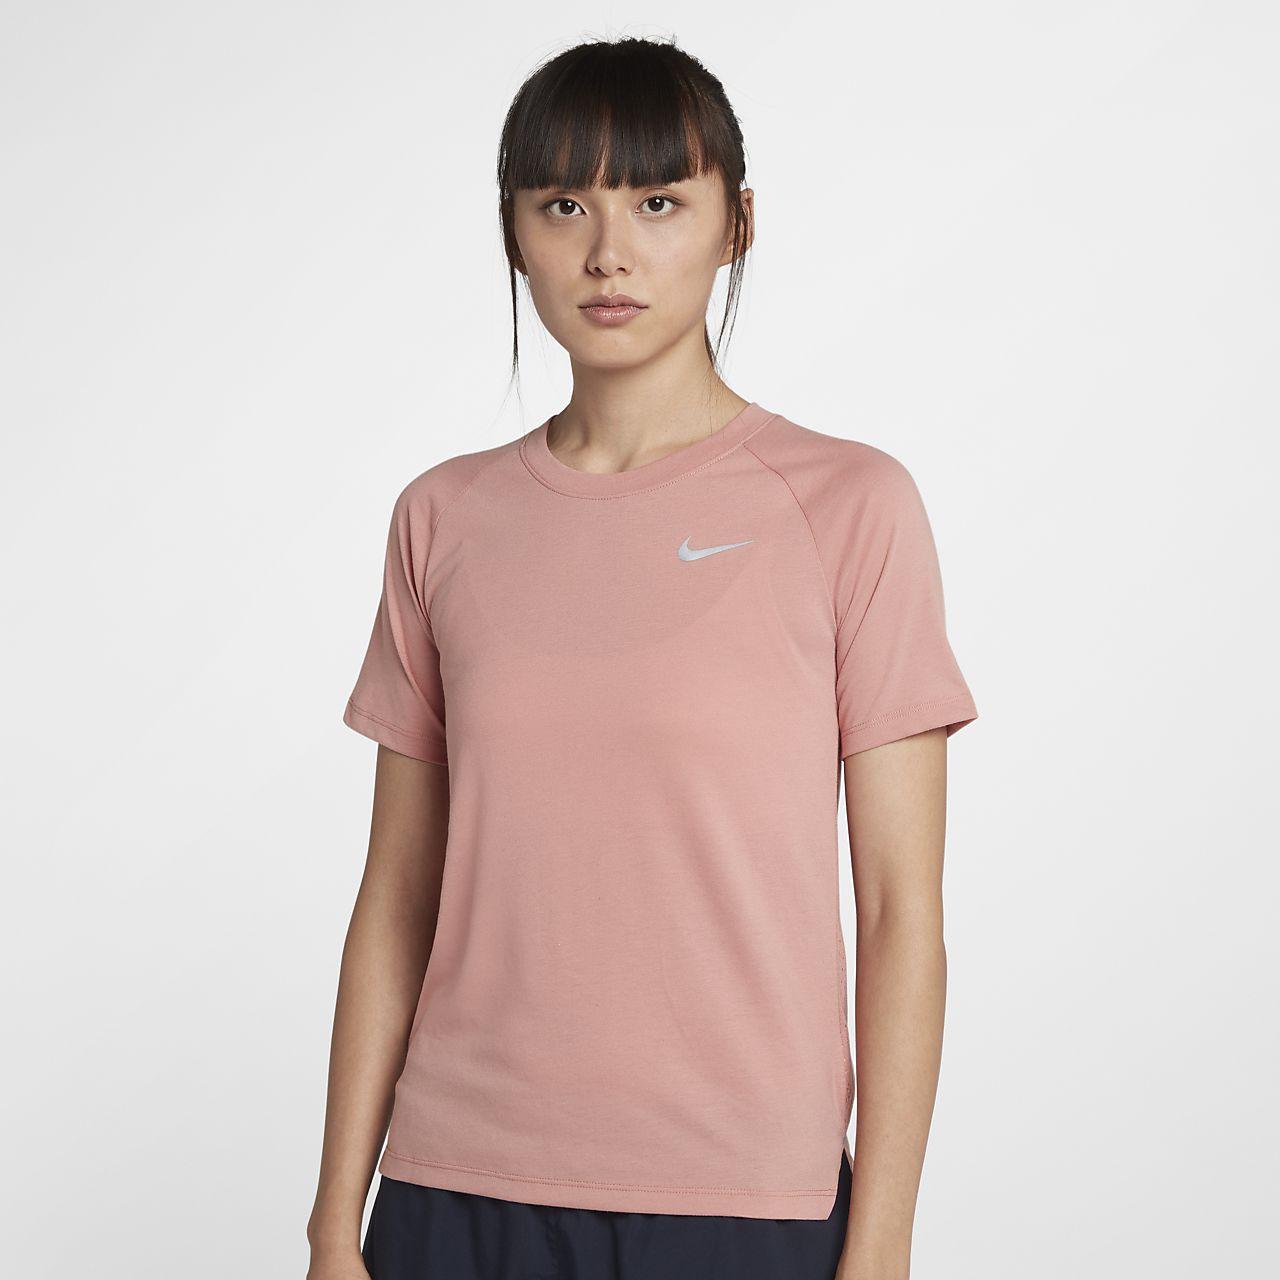 Nike Dri-FIT Tailwind 女款短袖跑步上衣